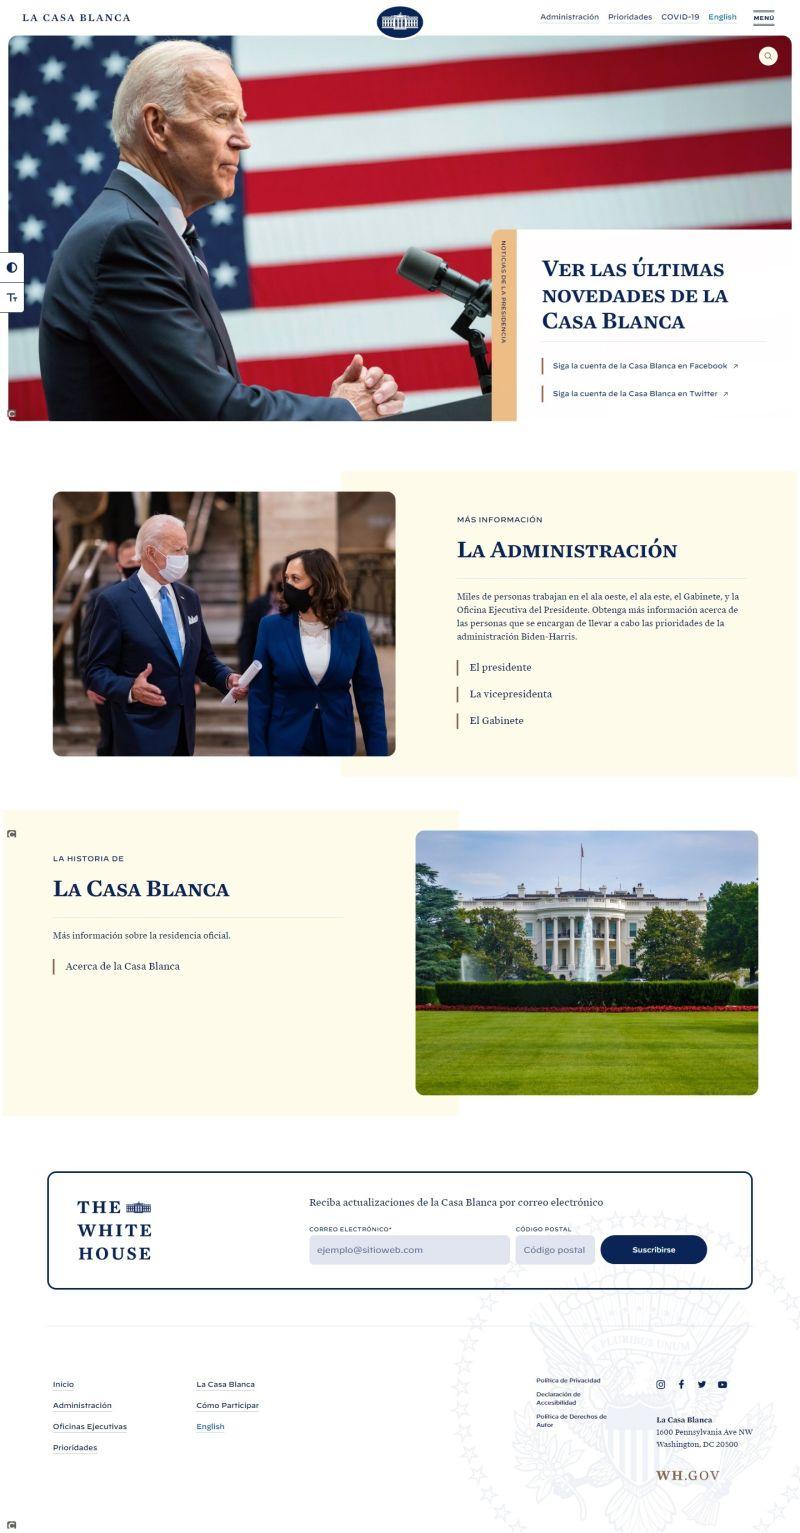 Captura de la portada de la página web de la Casa Blanca en español.